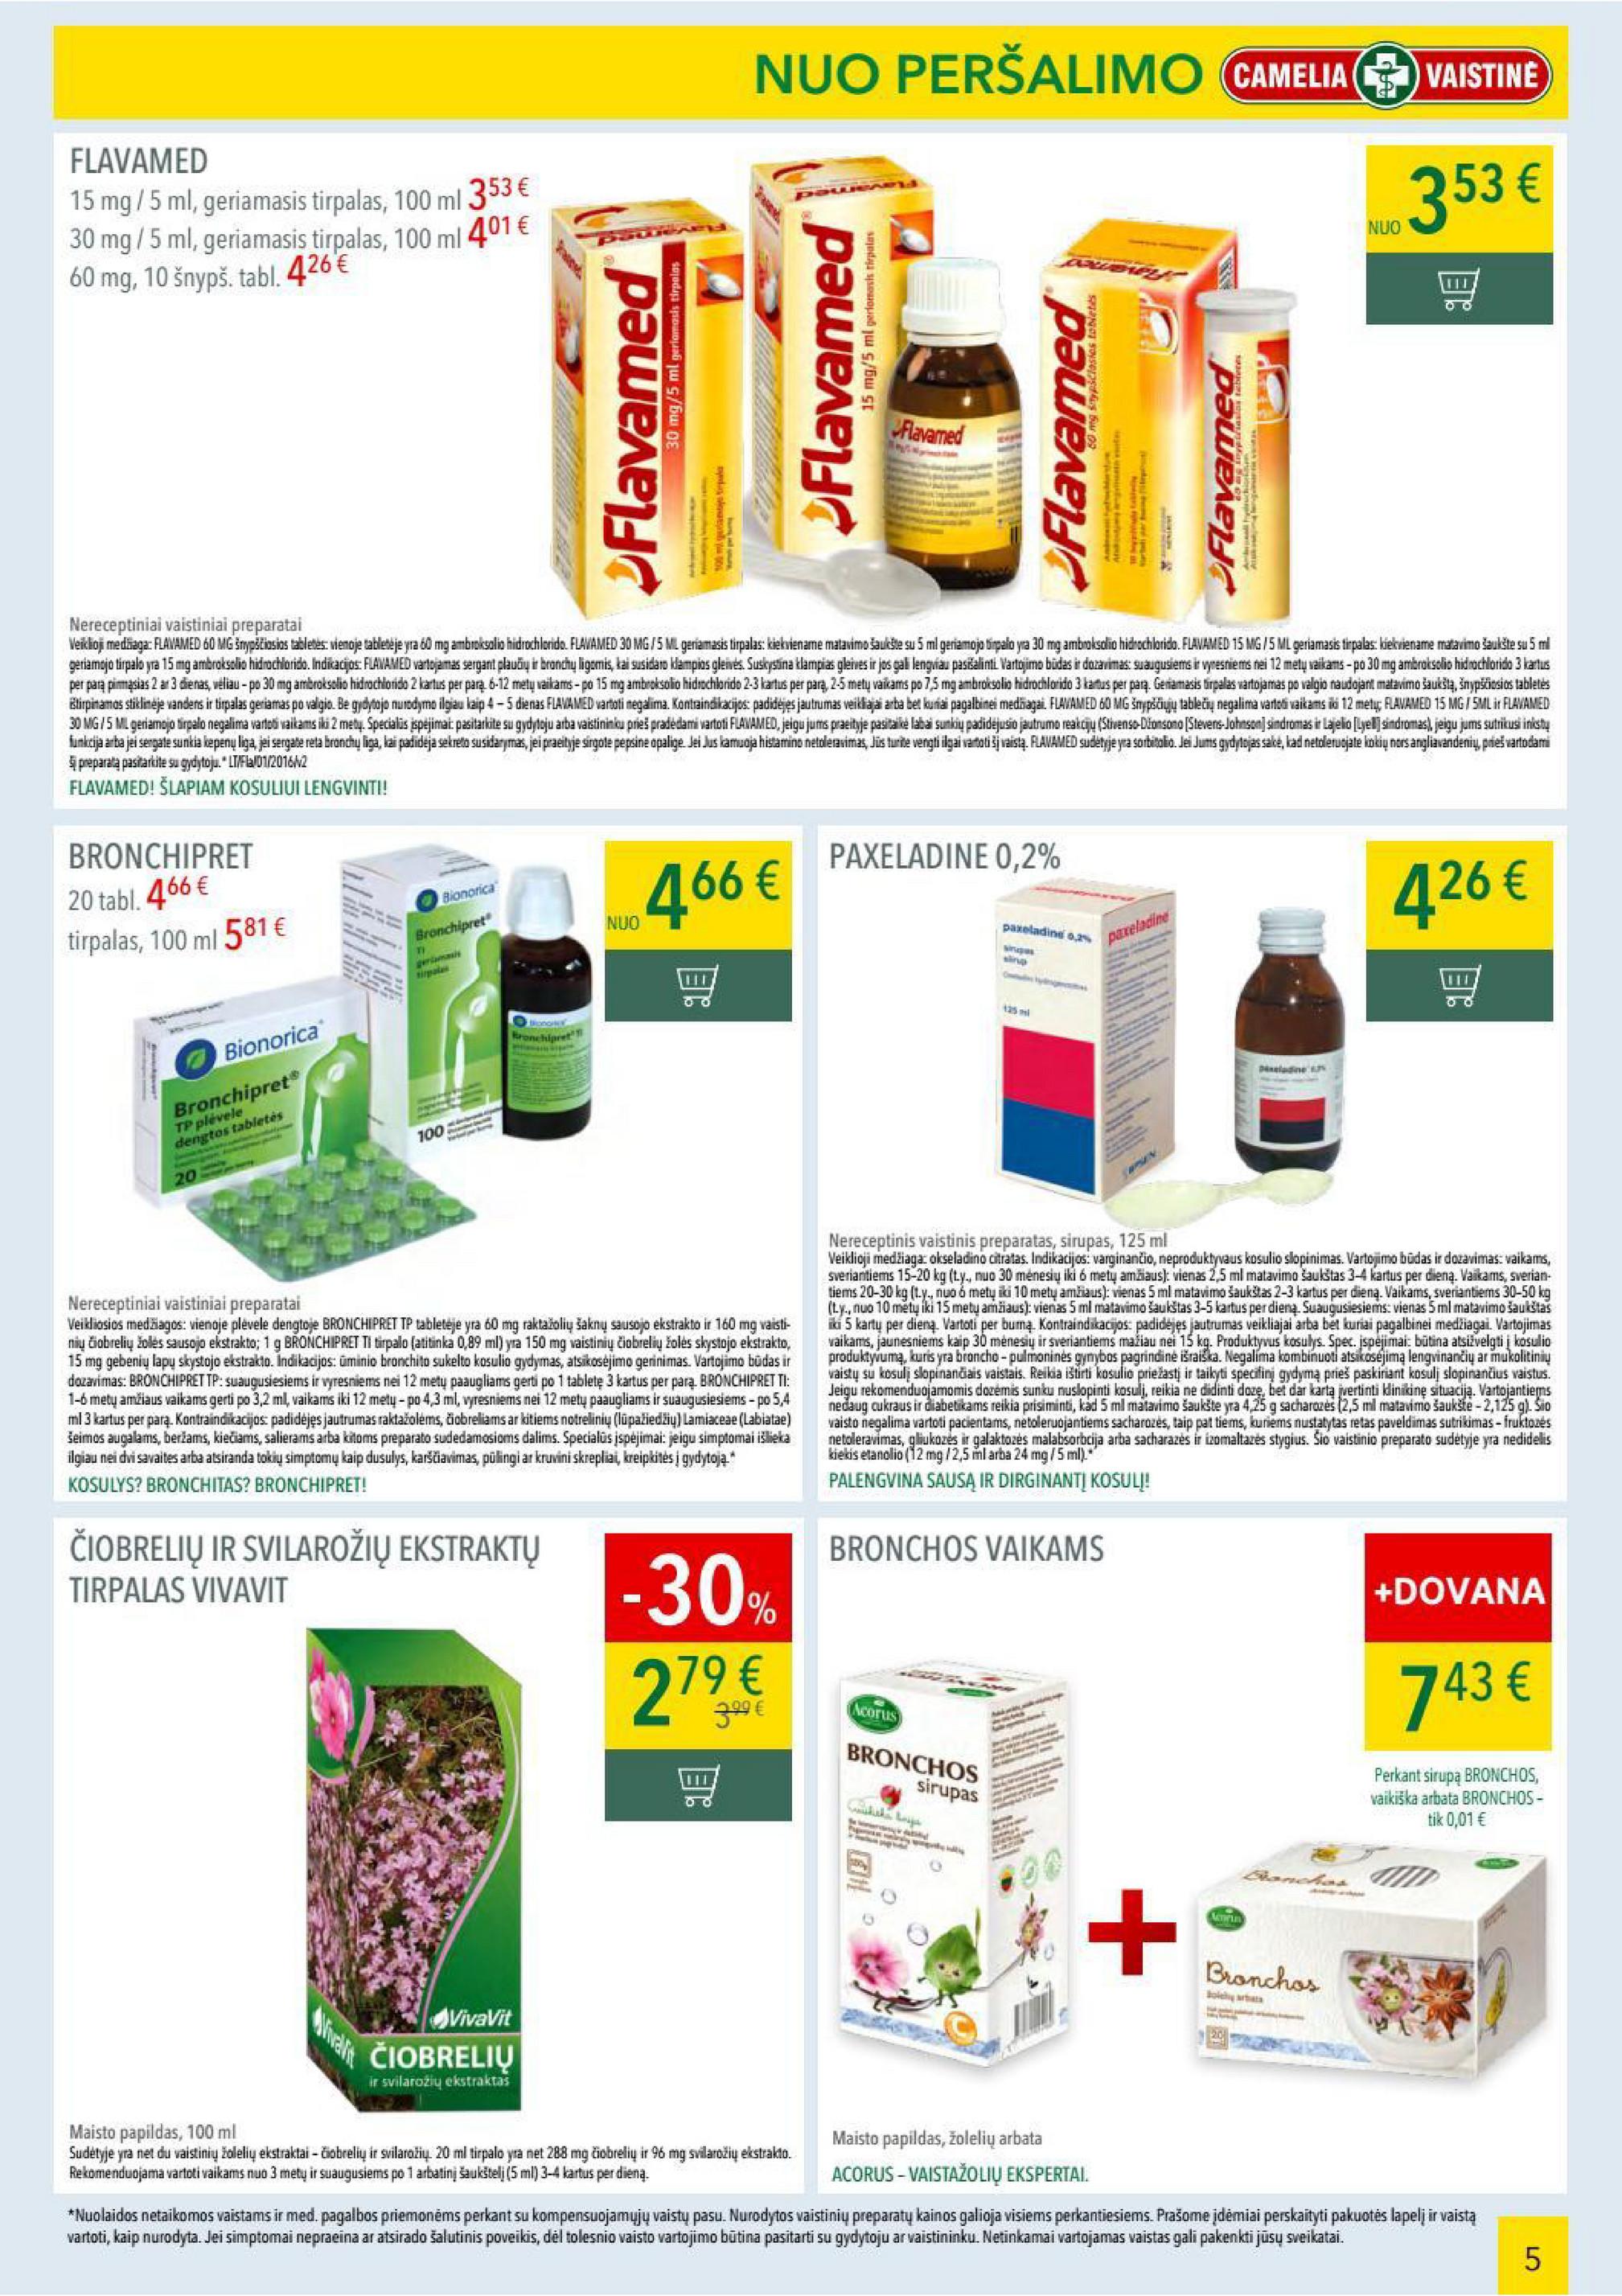 hipertenzija ir oro poveikis)